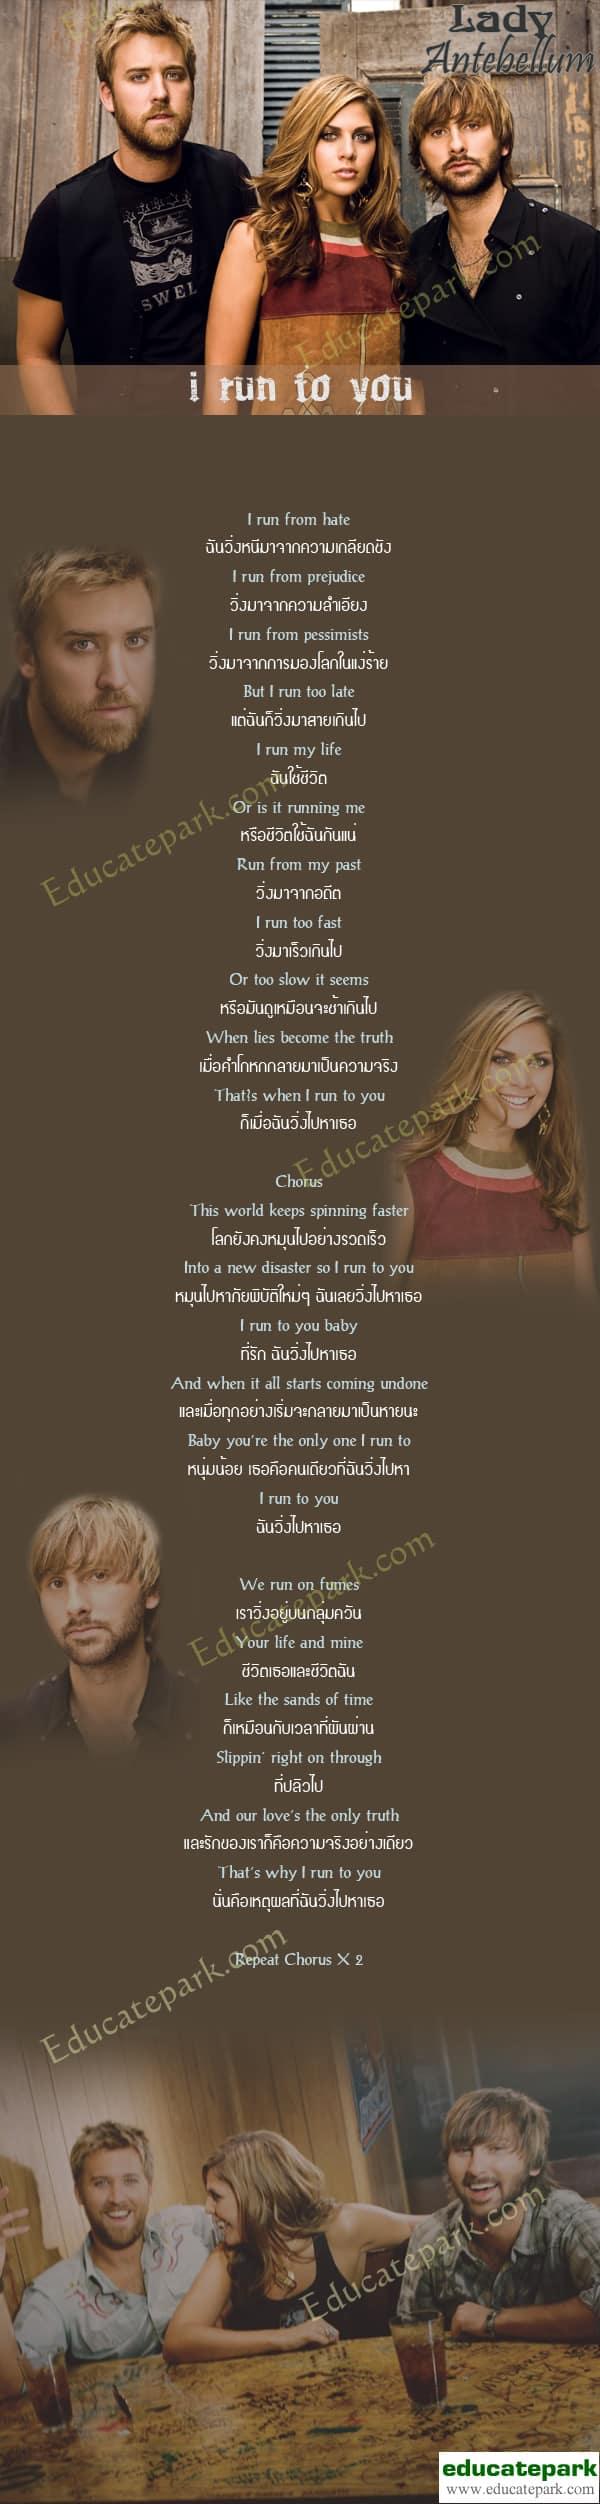 แปลเพลง I Run To You - Lady Antebellum